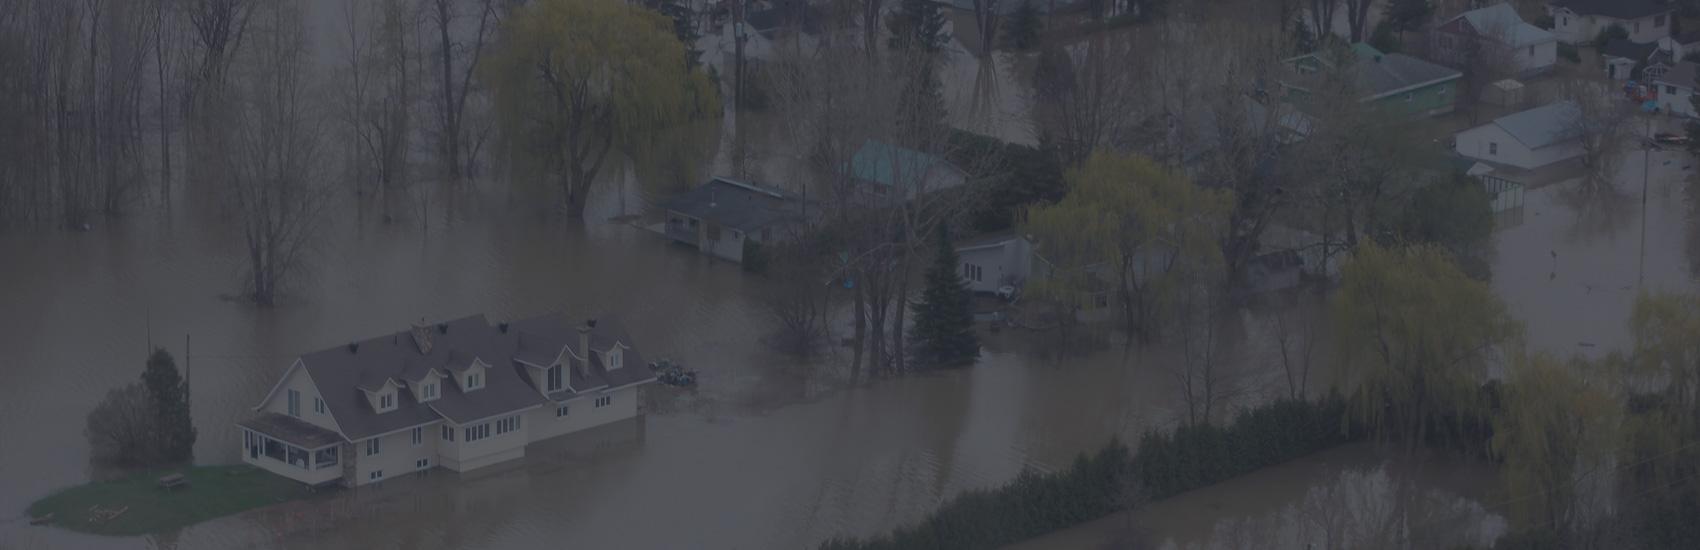 Inondations2017 : Hans Gruenwald se dit frustré et inquiet